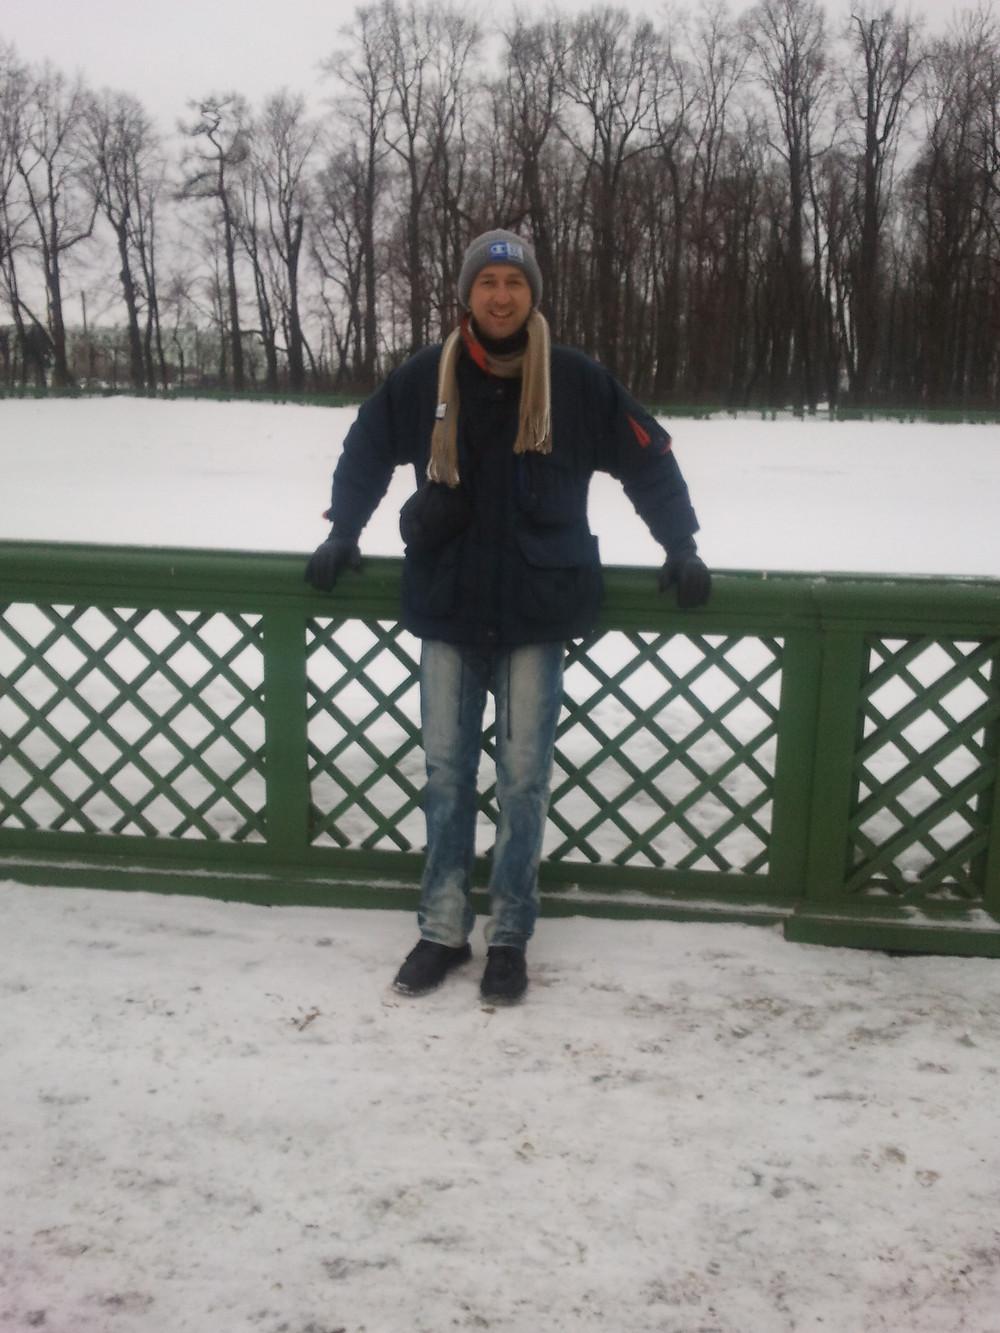 גן הקיץ החורפי במרכז העיר בסנט פטרסבורג